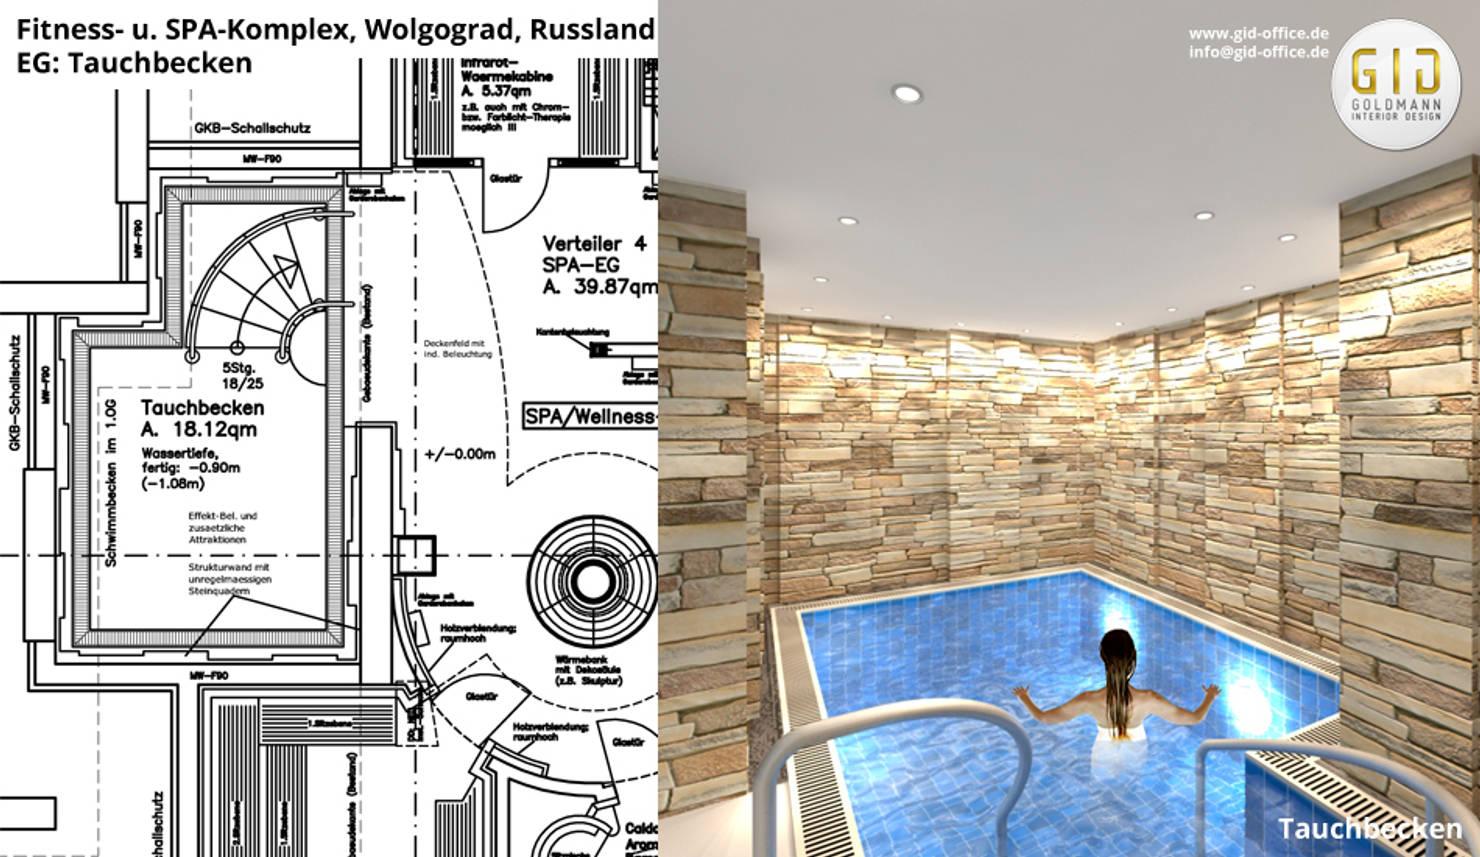 Innenarchitekt aus Hannover entwirft exklusives Spa-Design